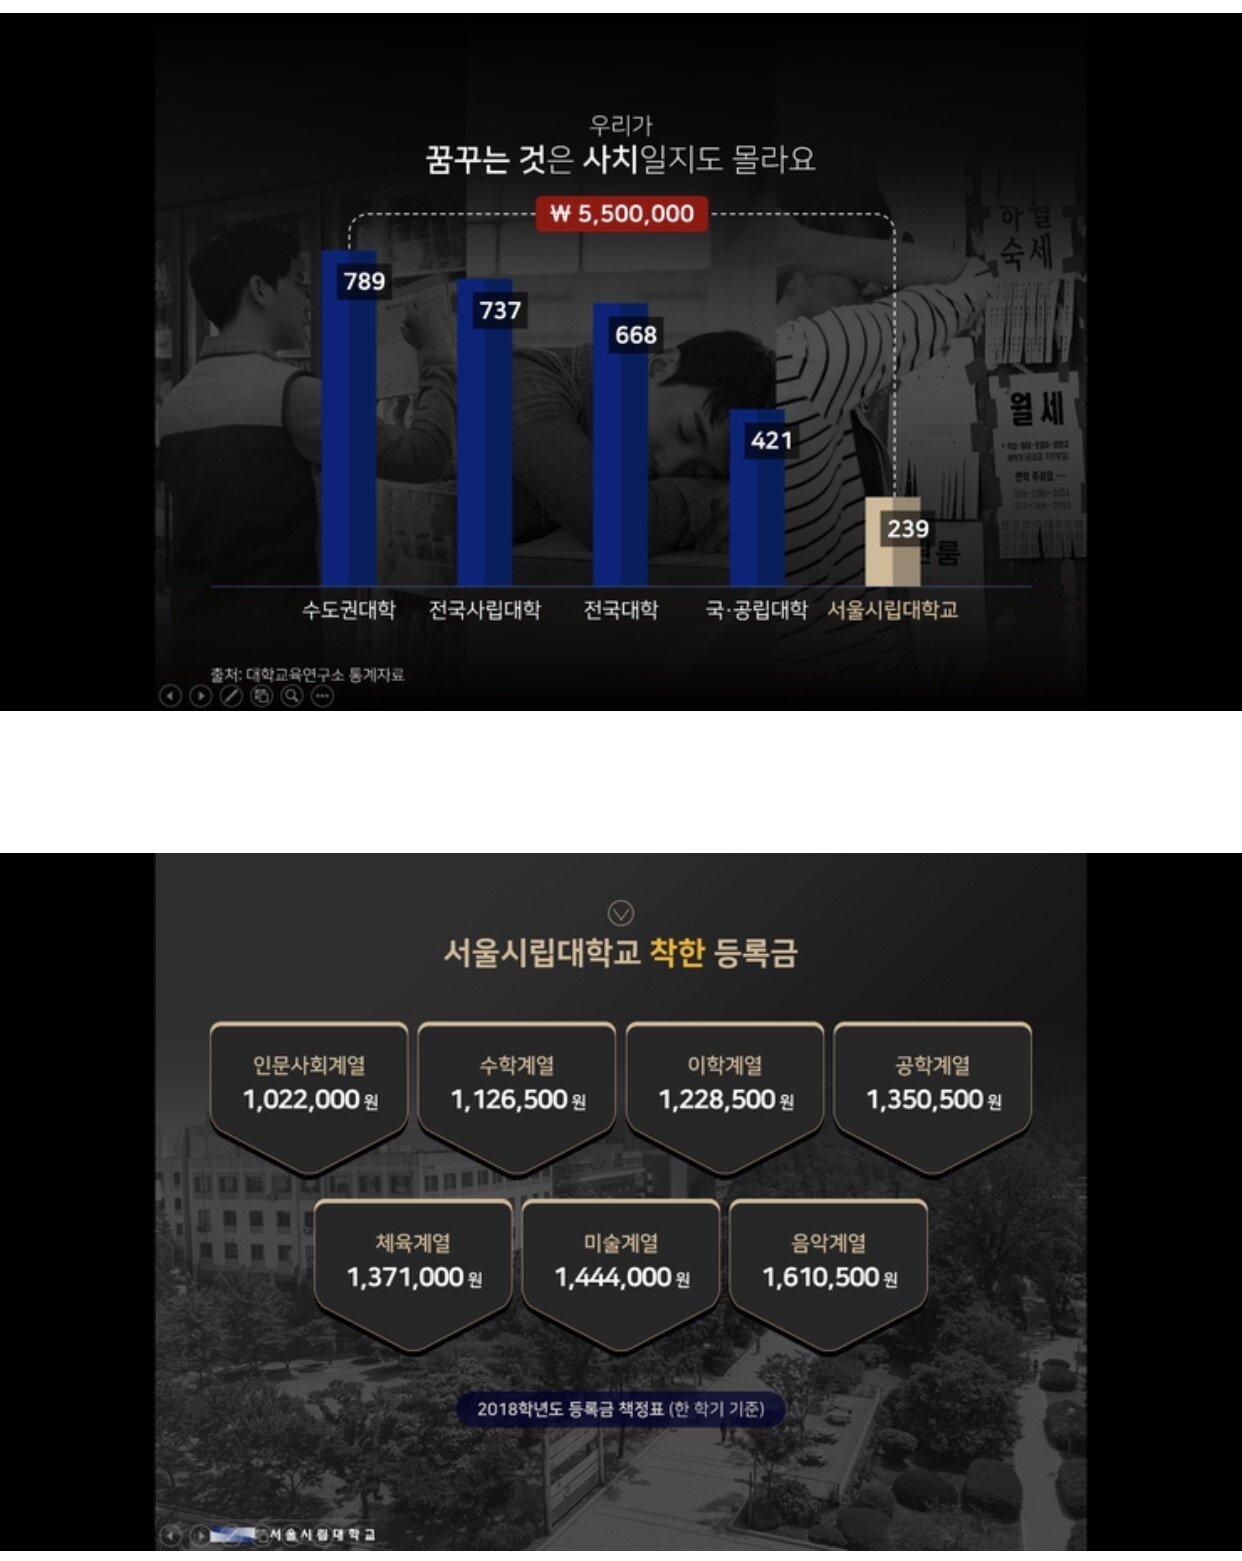 서울시립대의 정말 저렴한 등록금.jpg